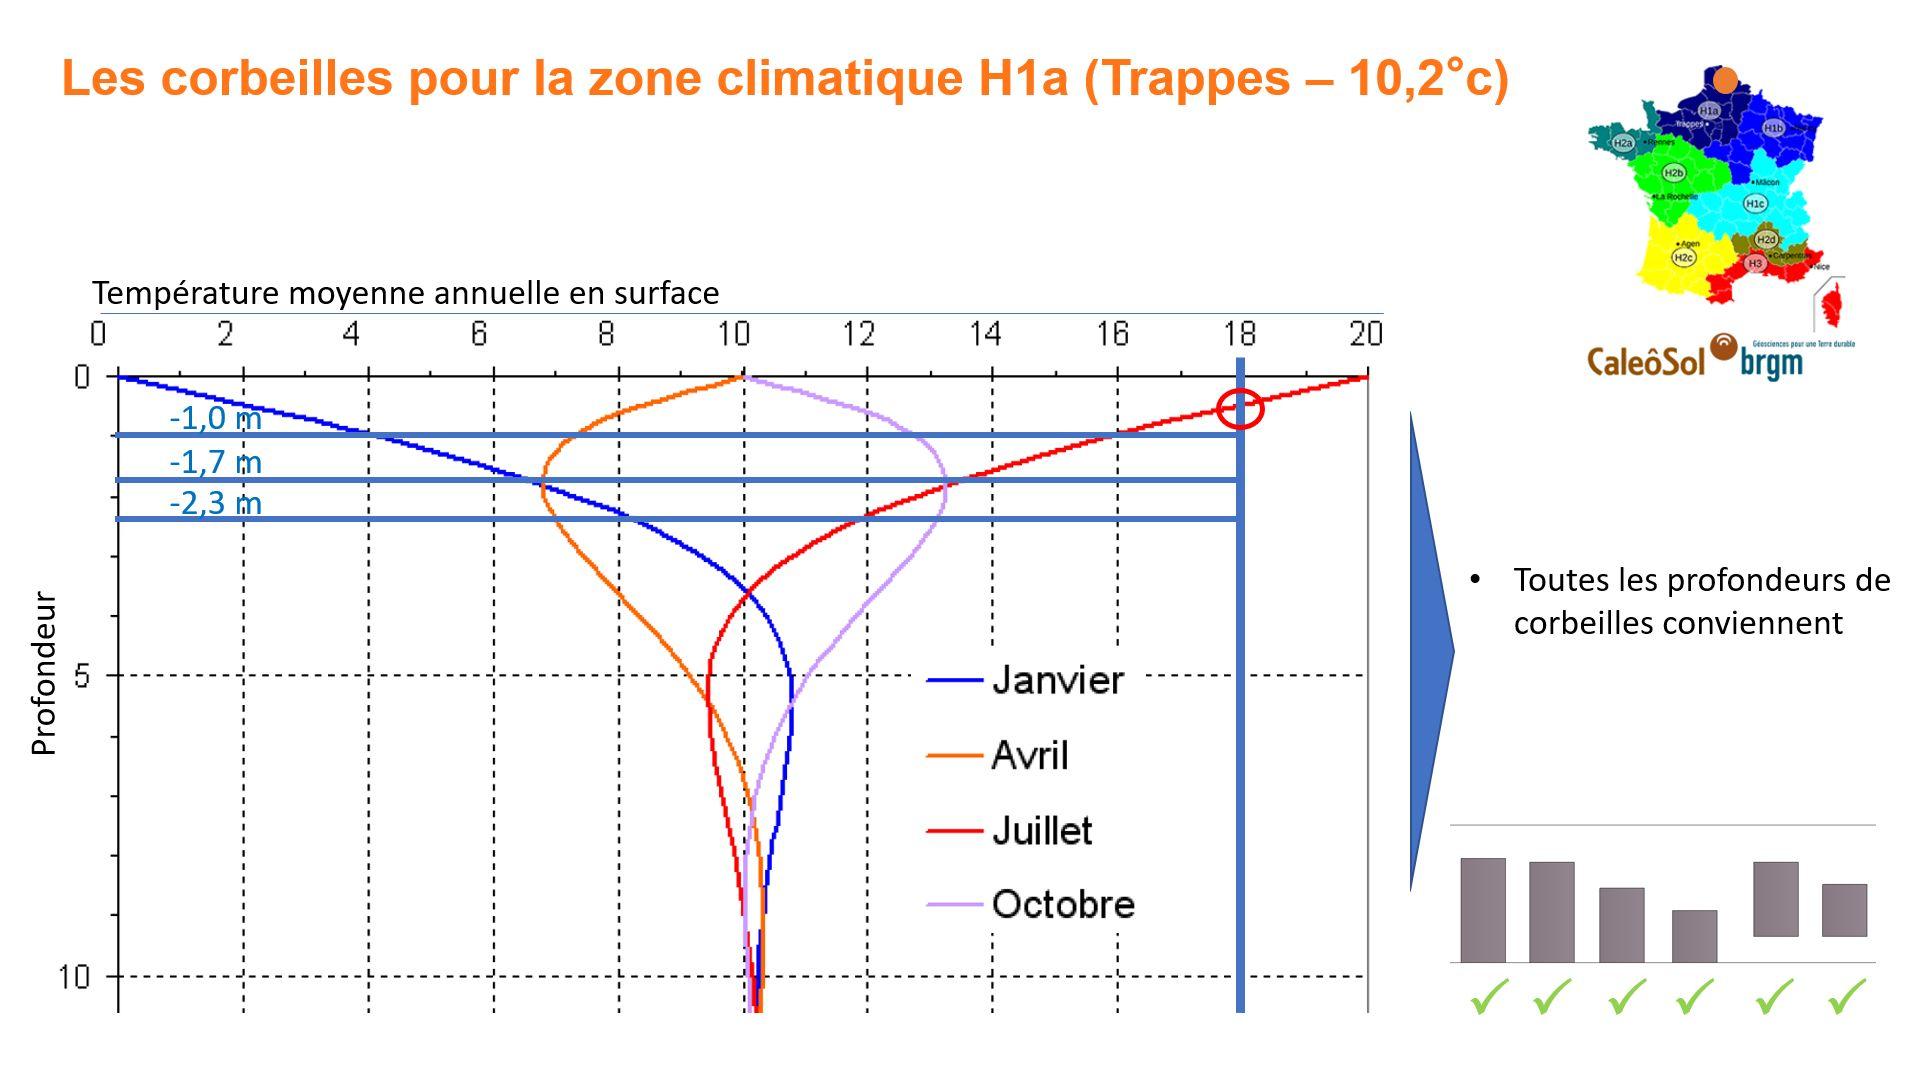 Corbeille géothermique en zone H1a